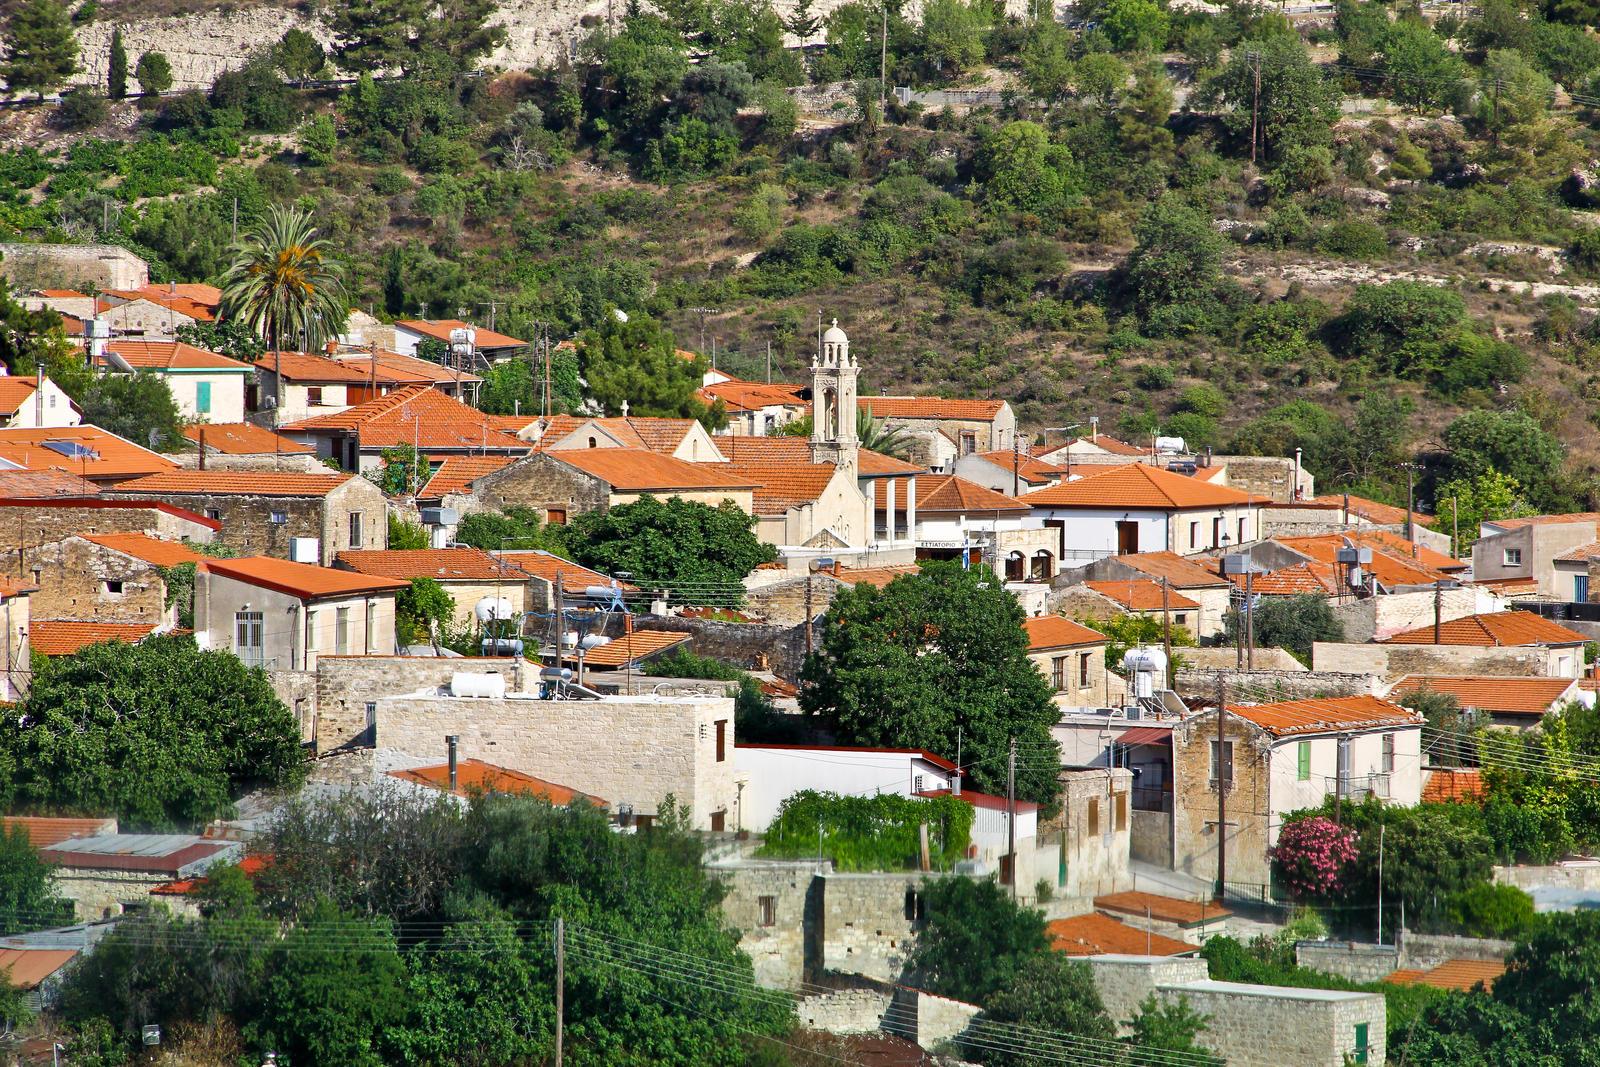 Arsos City